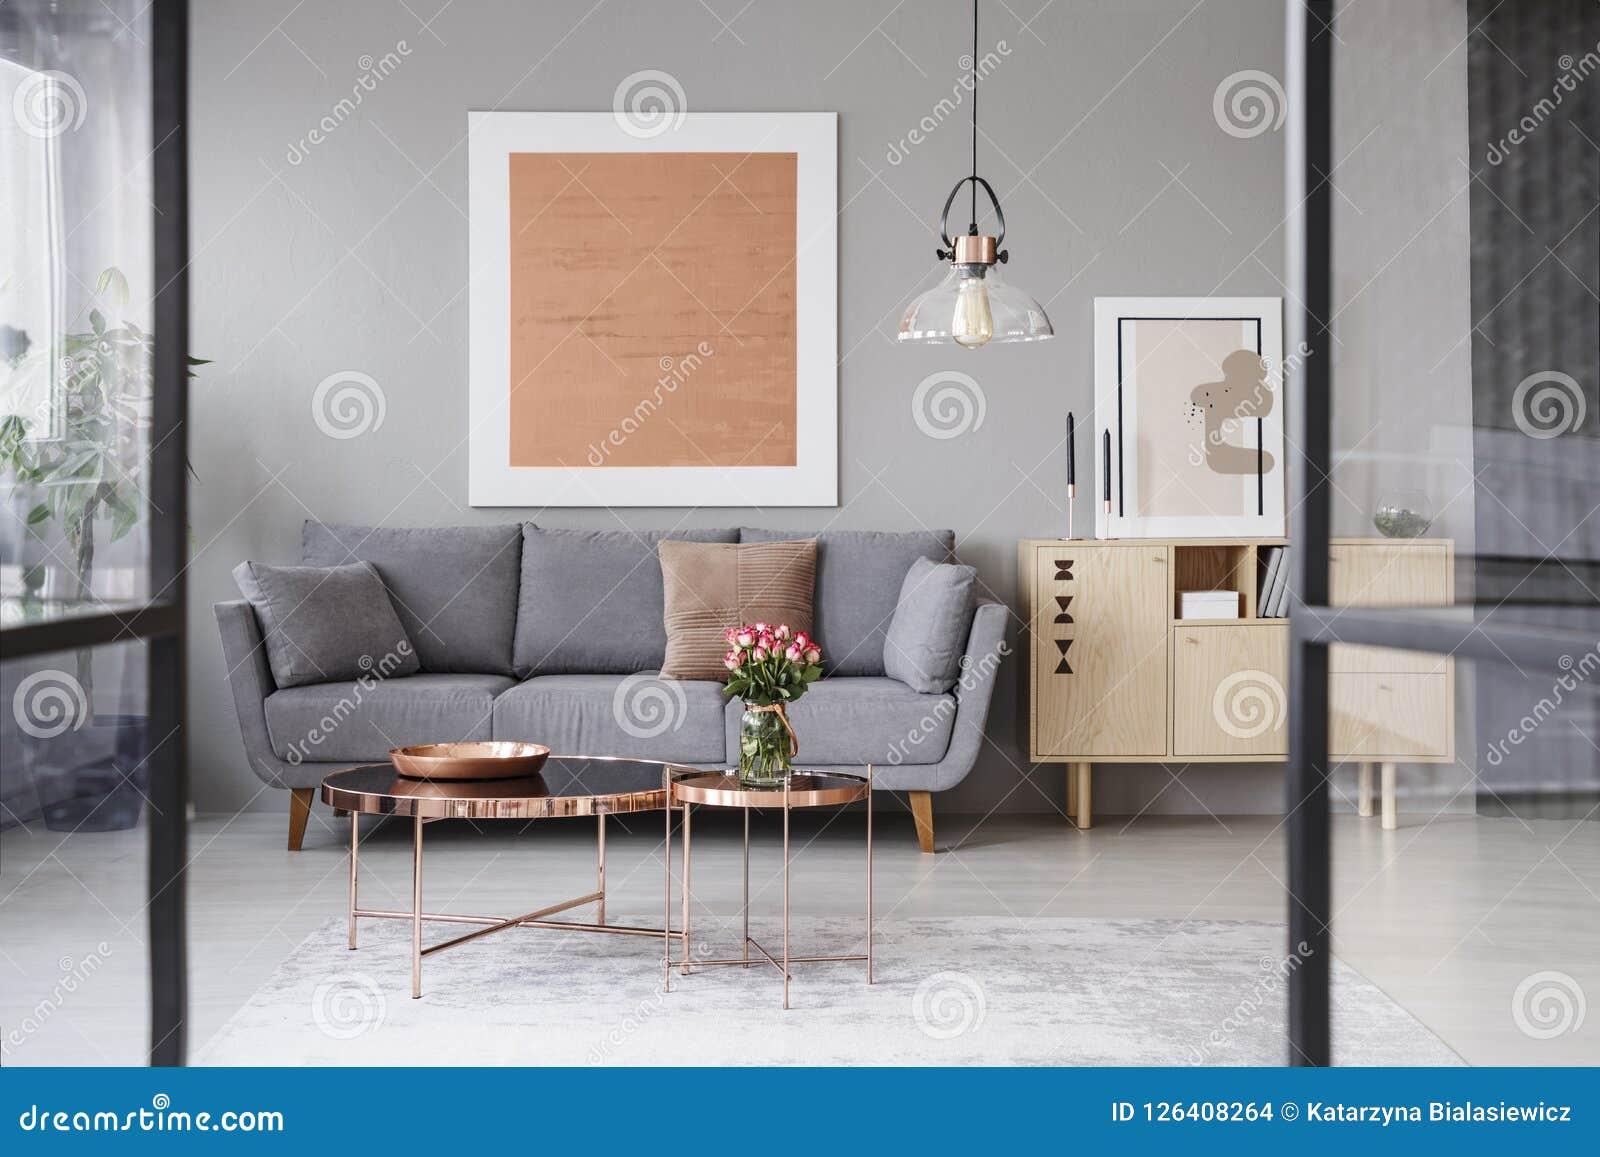 Λουλούδια στον πίνακα χαλκού μπροστά από τον γκρίζο καναπέ στο εσωτερικό καθιστικών με τη ροδαλή χρυσή αφίσα Πραγματική φωτογραφί